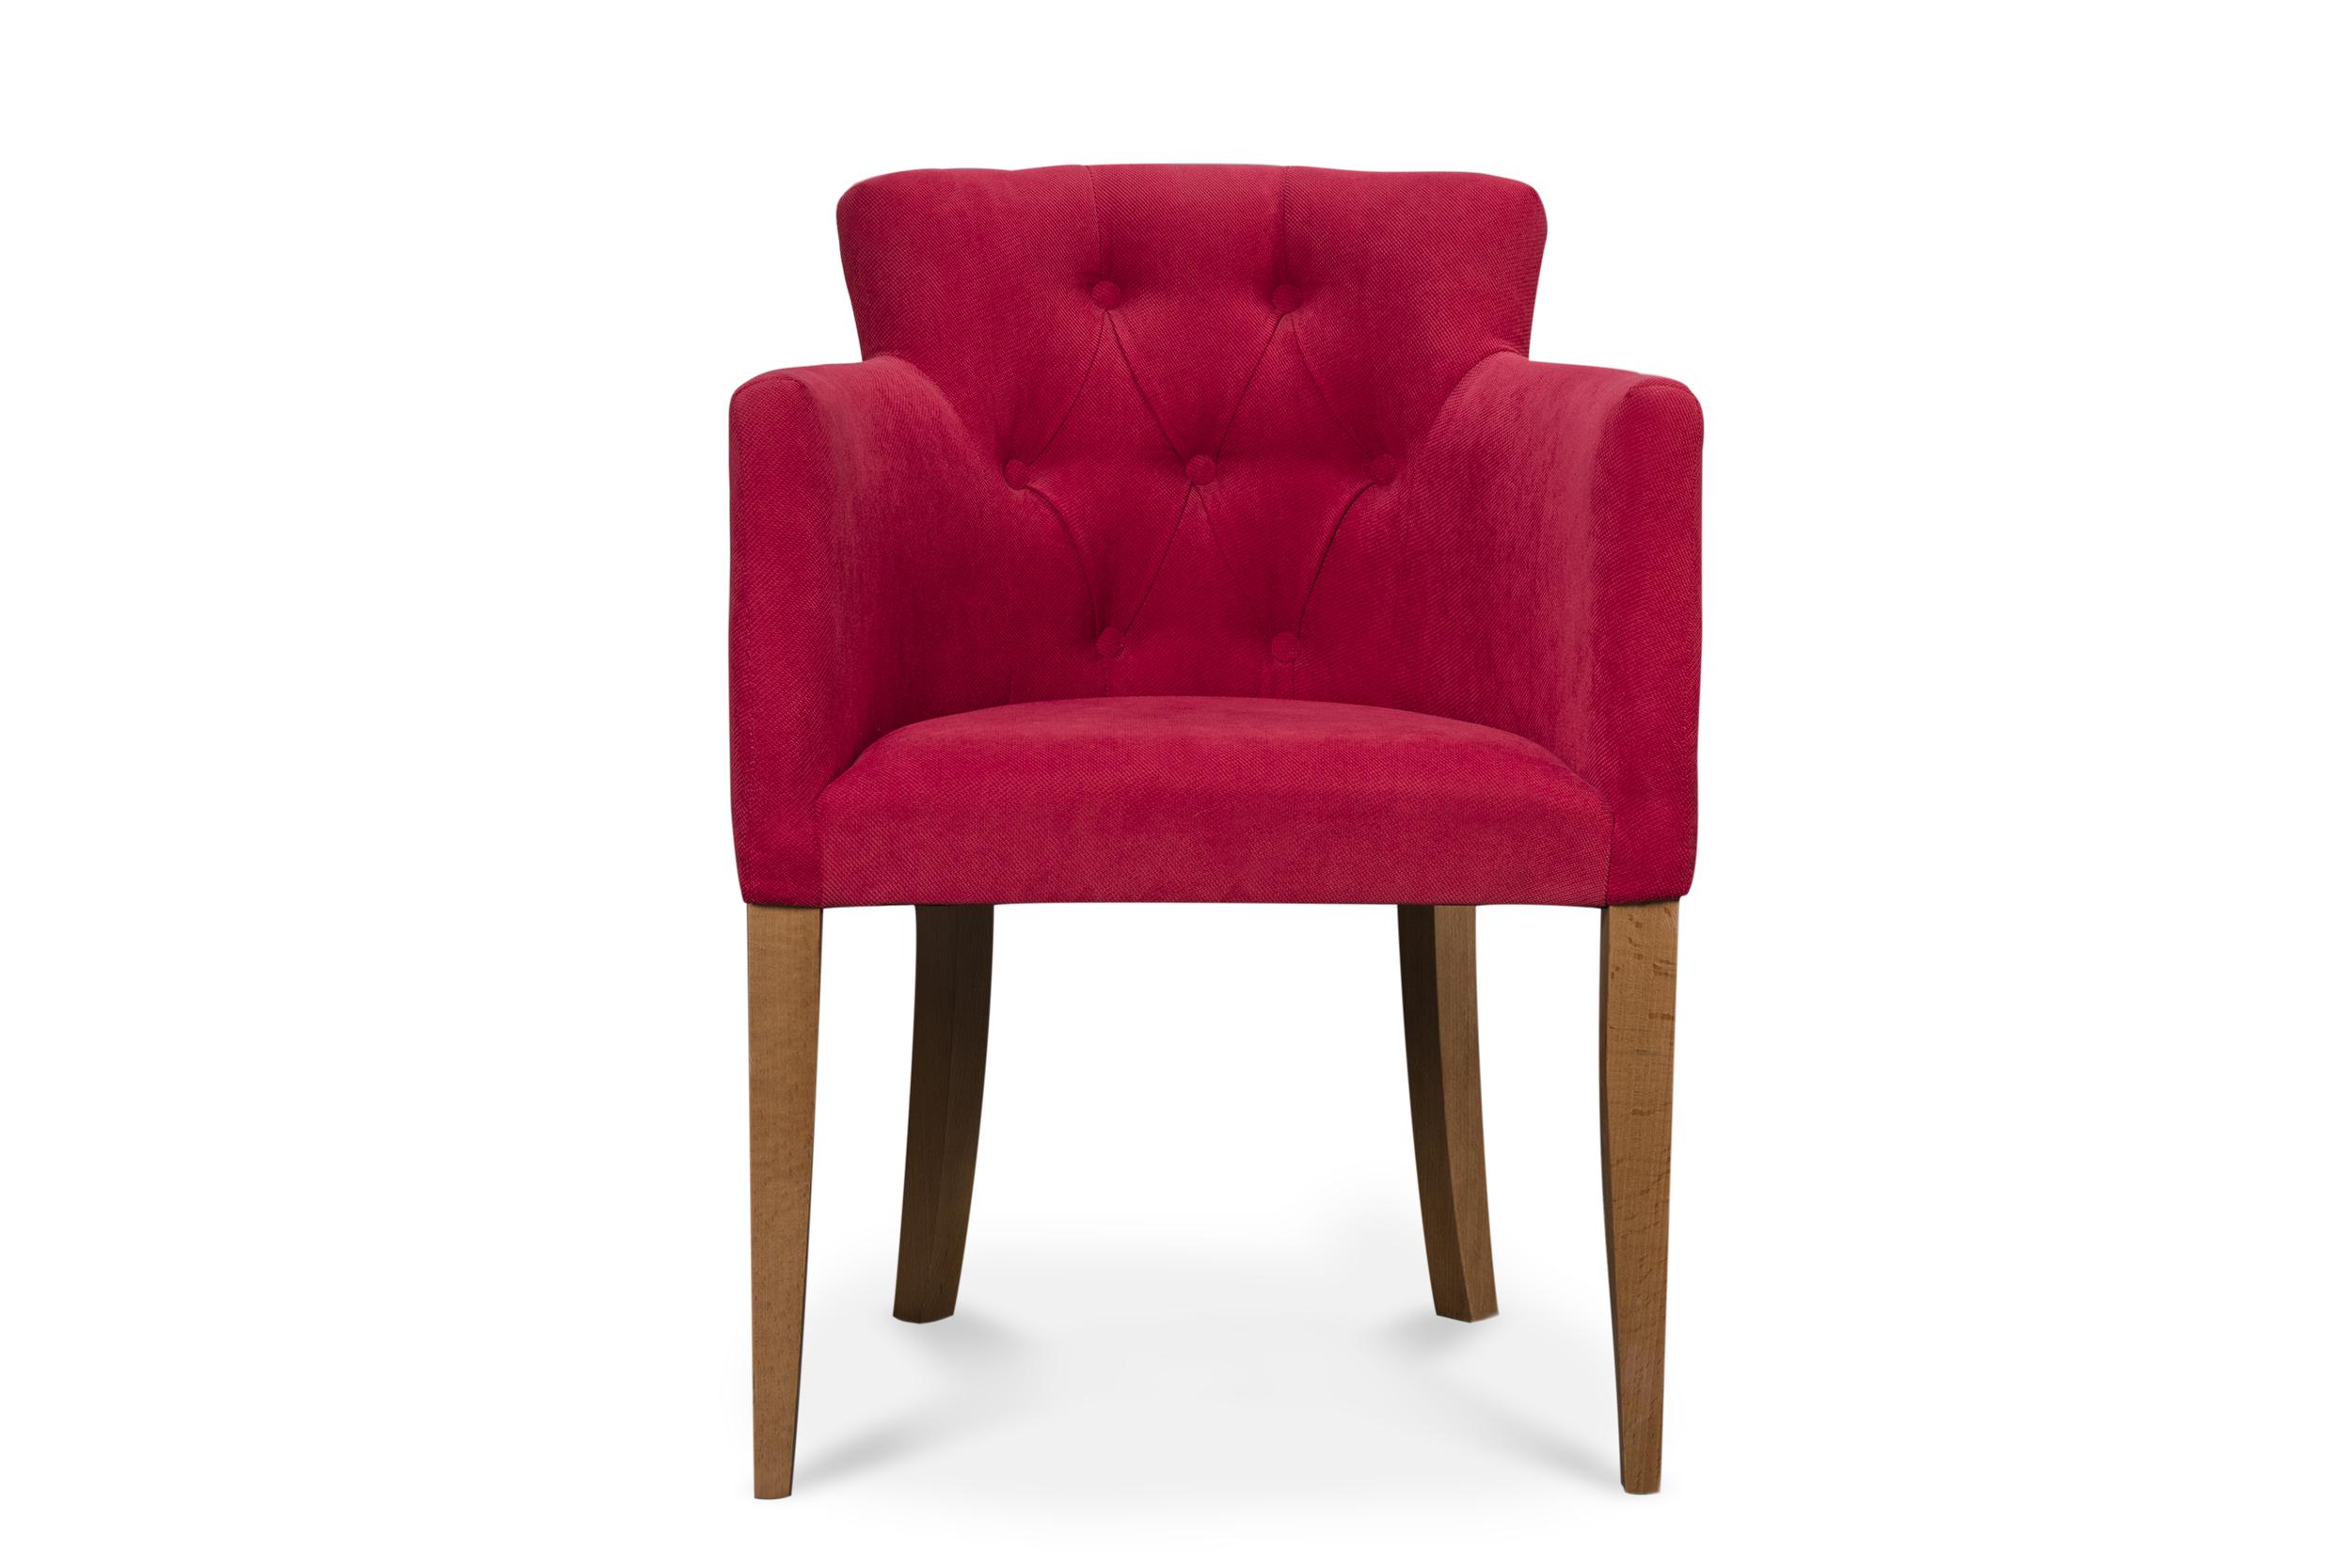 Кресло AronПолукресла<br>&amp;lt;div&amp;gt;Универсальное кресло из экологичных материалов, которое подойдет для обстановки современных или классических интерьеров.&amp;lt;br&amp;gt;&amp;lt;/div&amp;gt;&amp;lt;div&amp;gt;&amp;lt;br&amp;gt;&amp;lt;/div&amp;gt;&amp;lt;div&amp;gt;Высота сидения: 46 см.&amp;lt;br&amp;gt;&amp;lt;/div&amp;gt;&amp;lt;div&amp;gt;&amp;lt;br&amp;gt;&amp;lt;/div&amp;gt;<br><br>Material: Текстиль<br>Ширина см: 56<br>Высота см: 81<br>Глубина см: 58